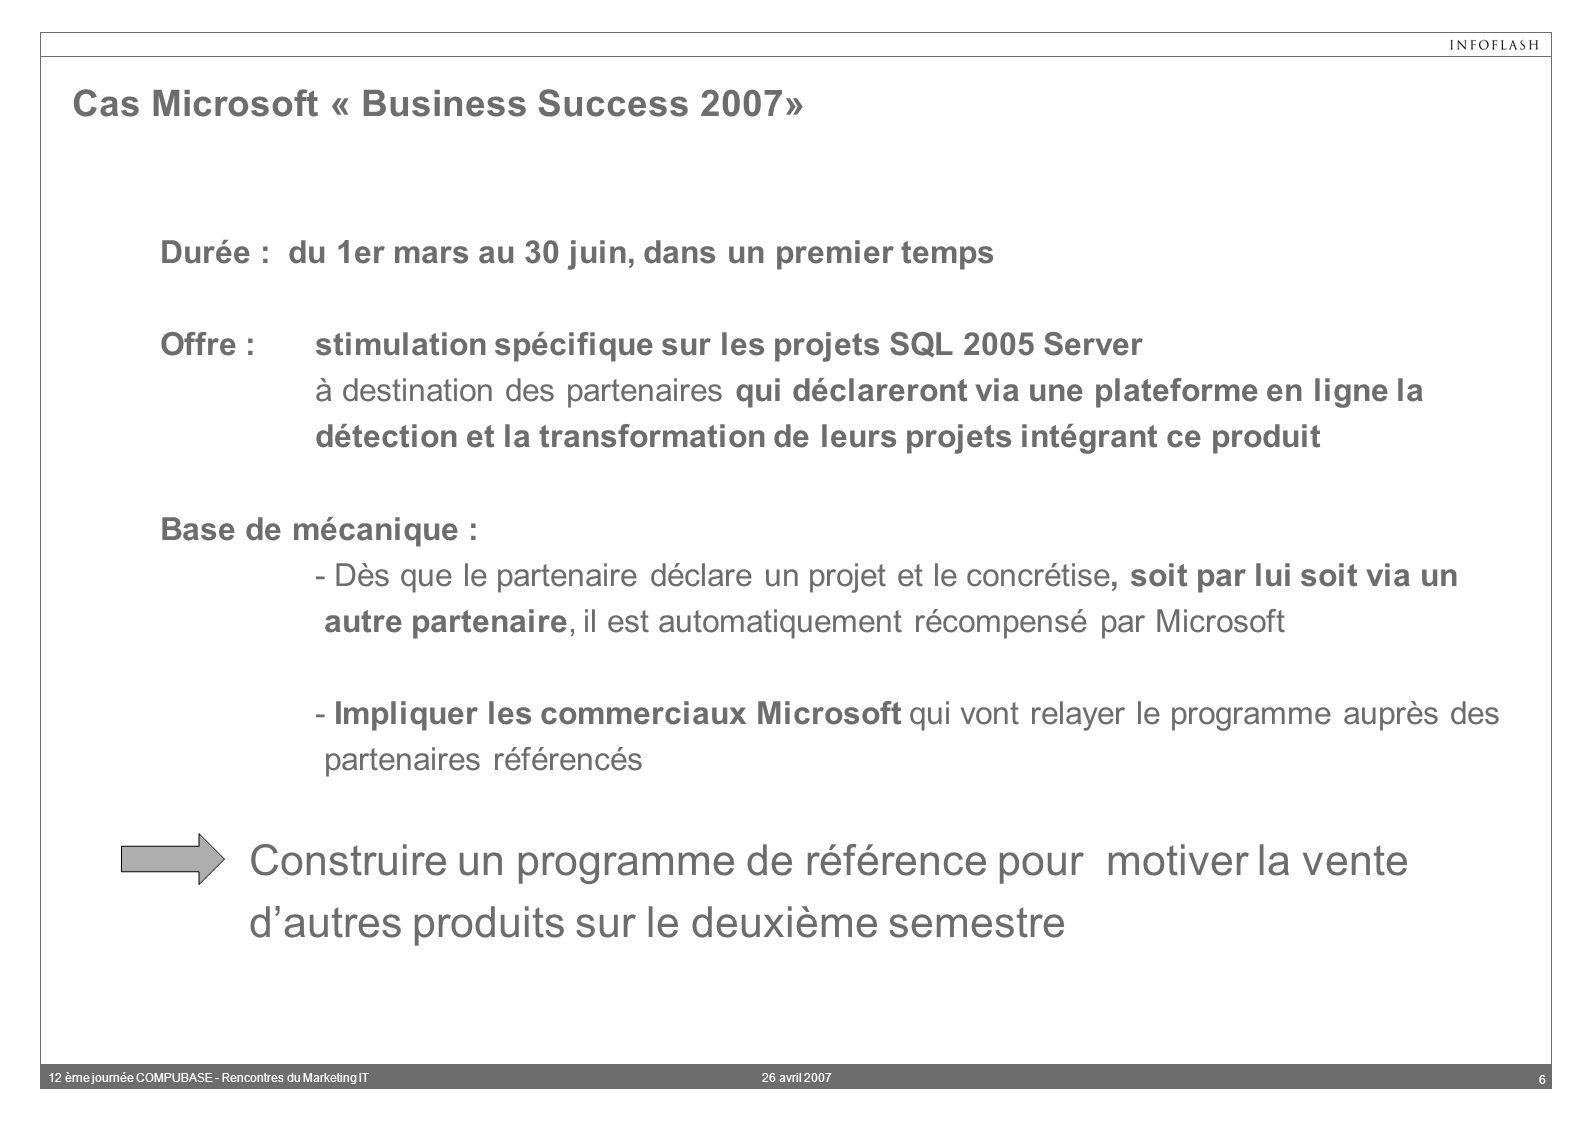 26 avril 200712 ème journée COMPUBASE - Rencontres du Marketing IT 6 Cas Microsoft « Business Success 2007» Durée : du 1er mars au 30 juin, dans un premier temps Offre :stimulation spécifique sur les projets SQL 2005 Server à destination des partenaires qui déclareront via une plateforme en ligne la détection et la transformation de leurs projets intégrant ce produit Base de mécanique : - Dès que le partenaire déclare un projet et le concrétise, soit par lui soit via un autre partenaire, il est automatiquement récompensé par Microsoft - Impliquer les commerciaux Microsoft qui vont relayer le programme auprès des partenaires référencés Construire un programme de référence pour motiver la vente dautres produits sur le deuxième semestre